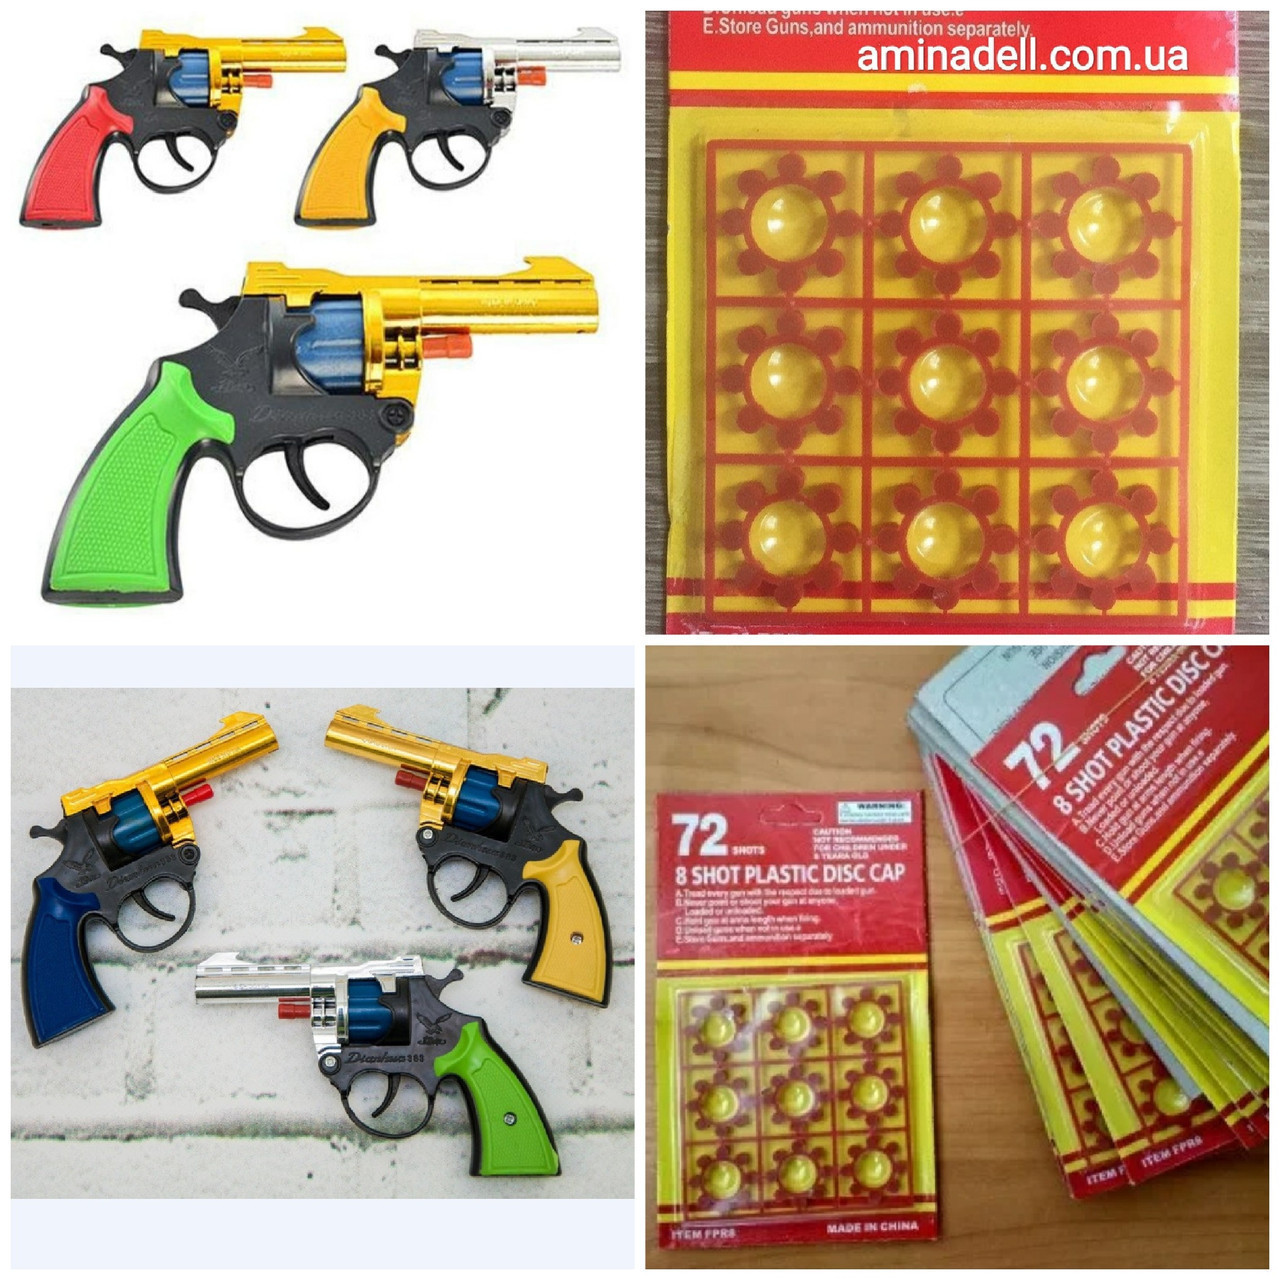 Набор: Пистолет на пистонах + 50 упаковок пистонов